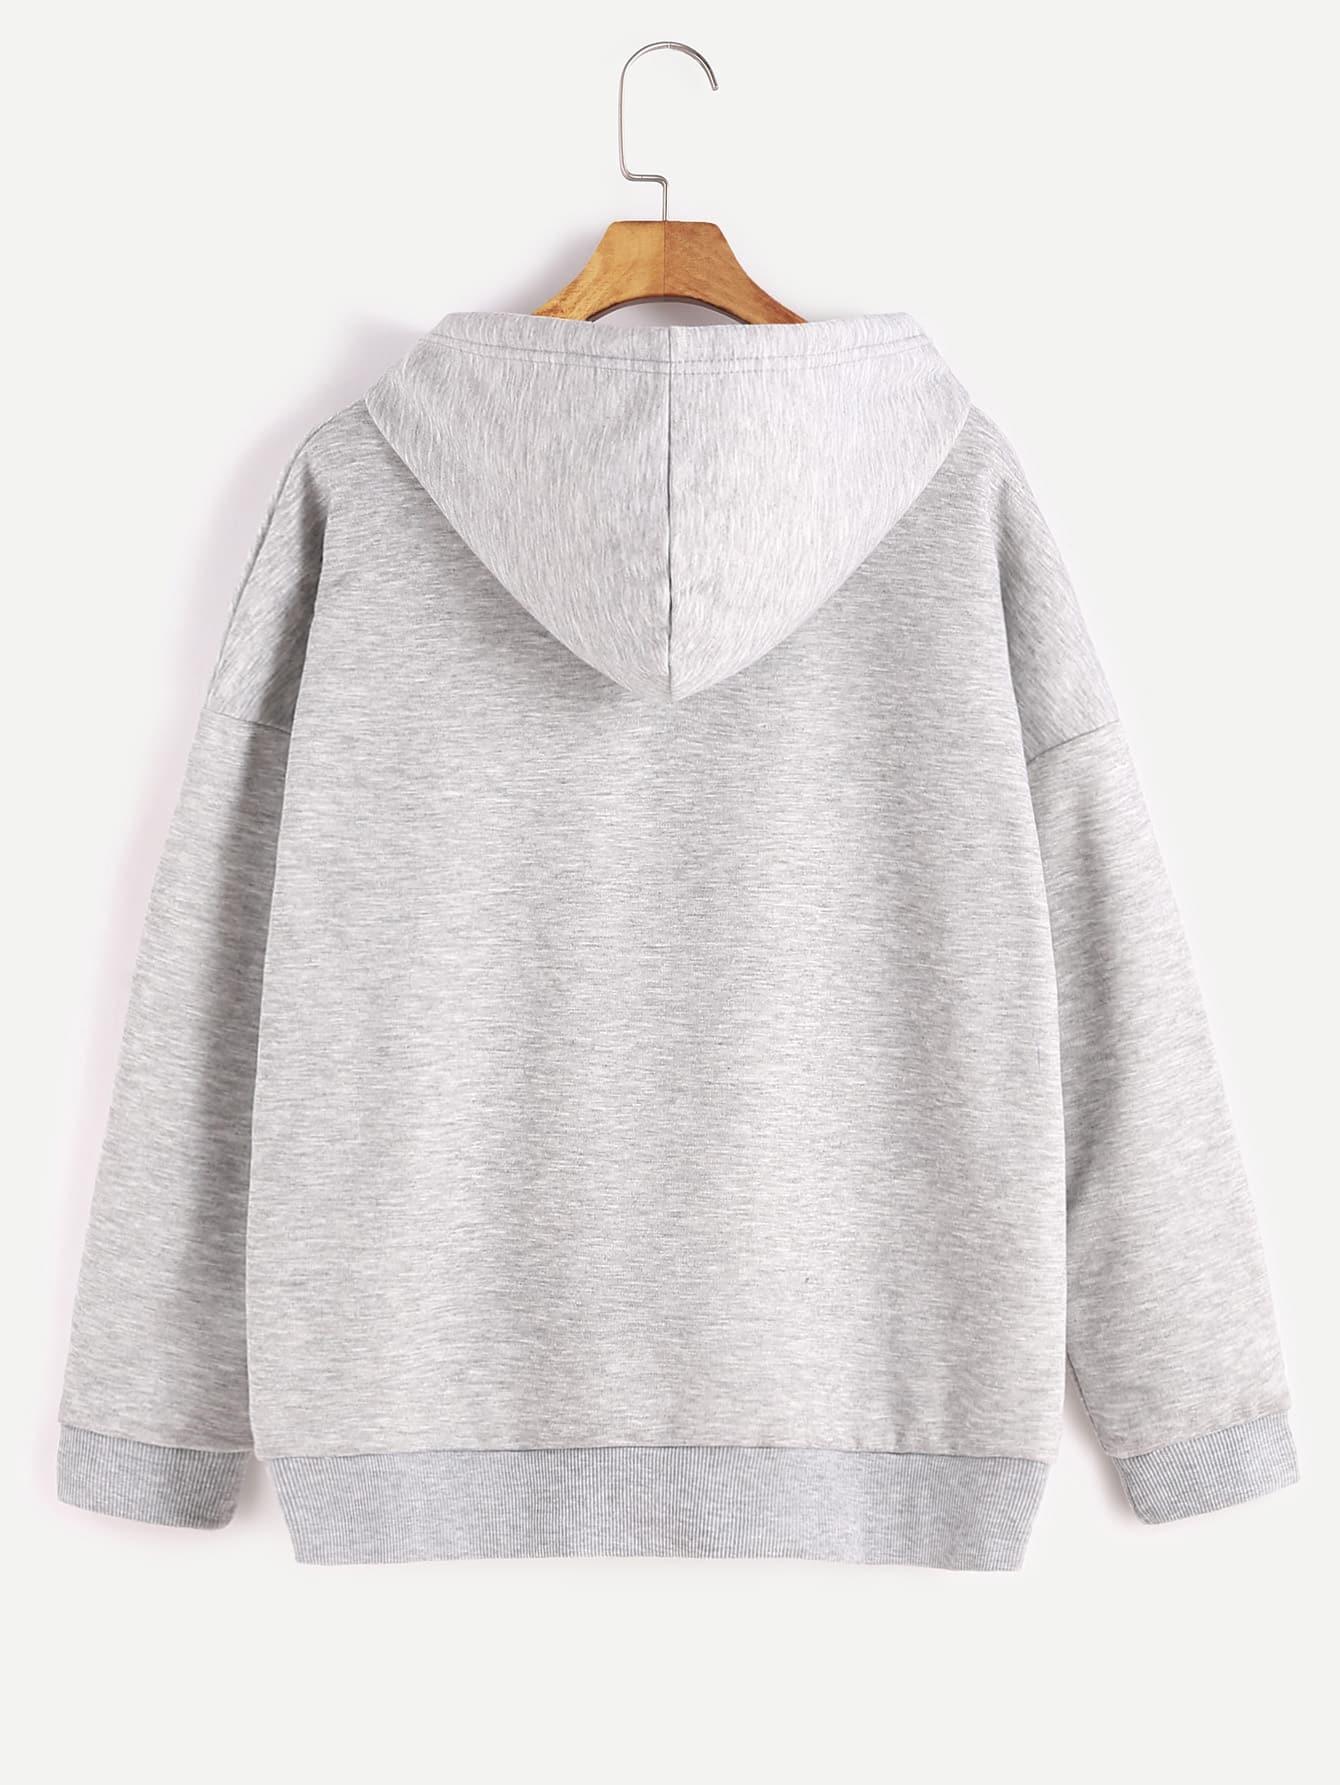 sweatshirt161122003_2